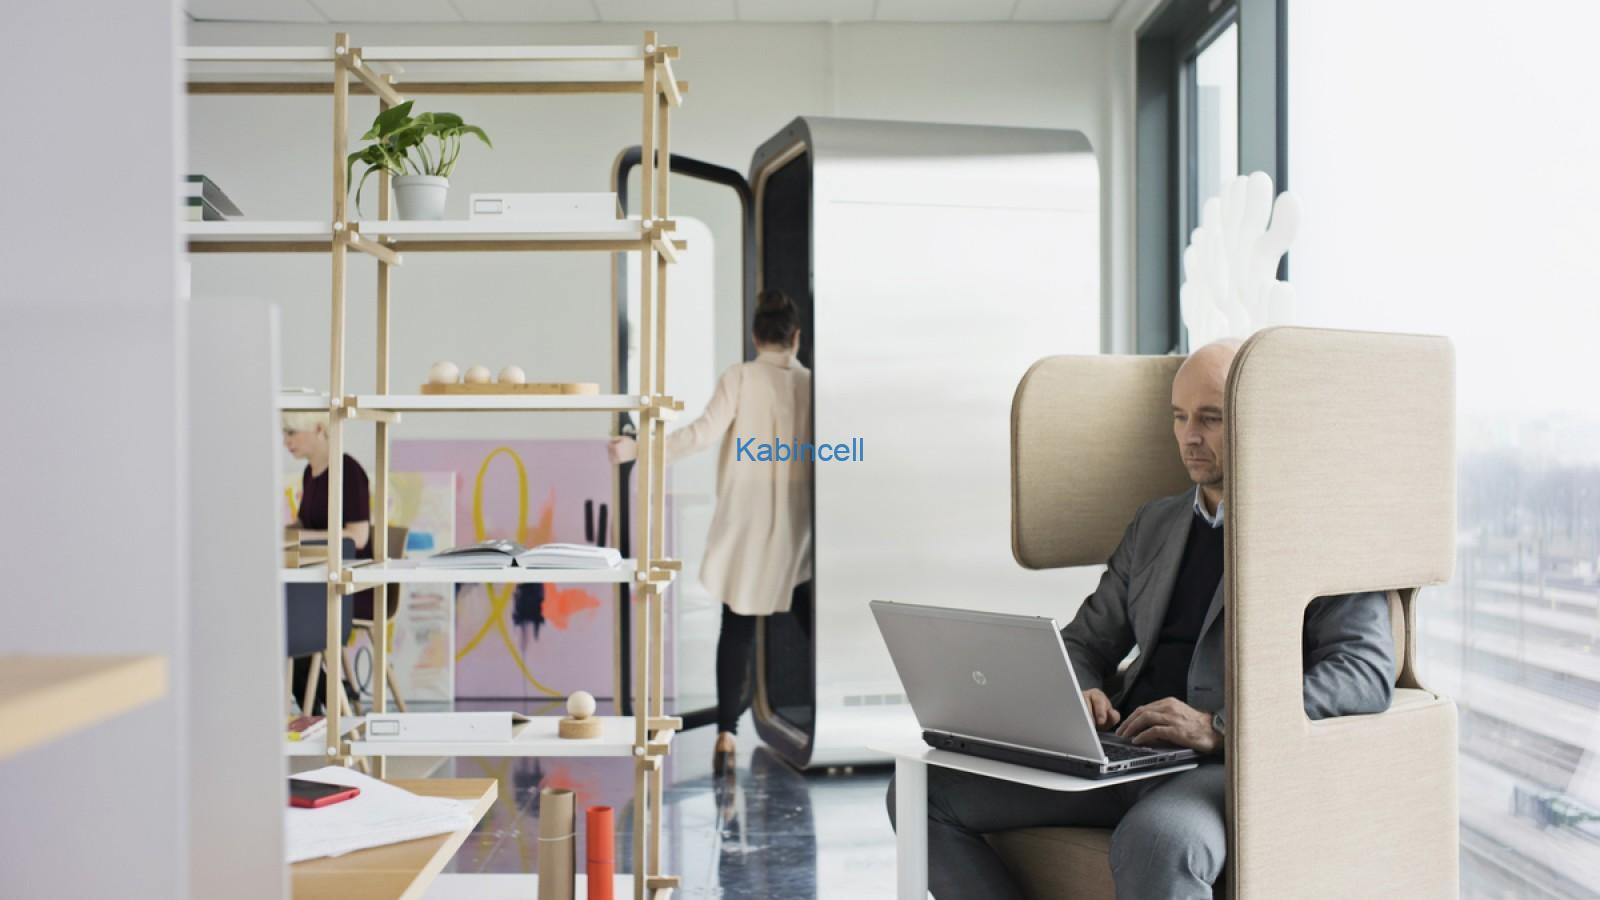 pod-seat-pod-sofa-akustik-ofis-koltugu513